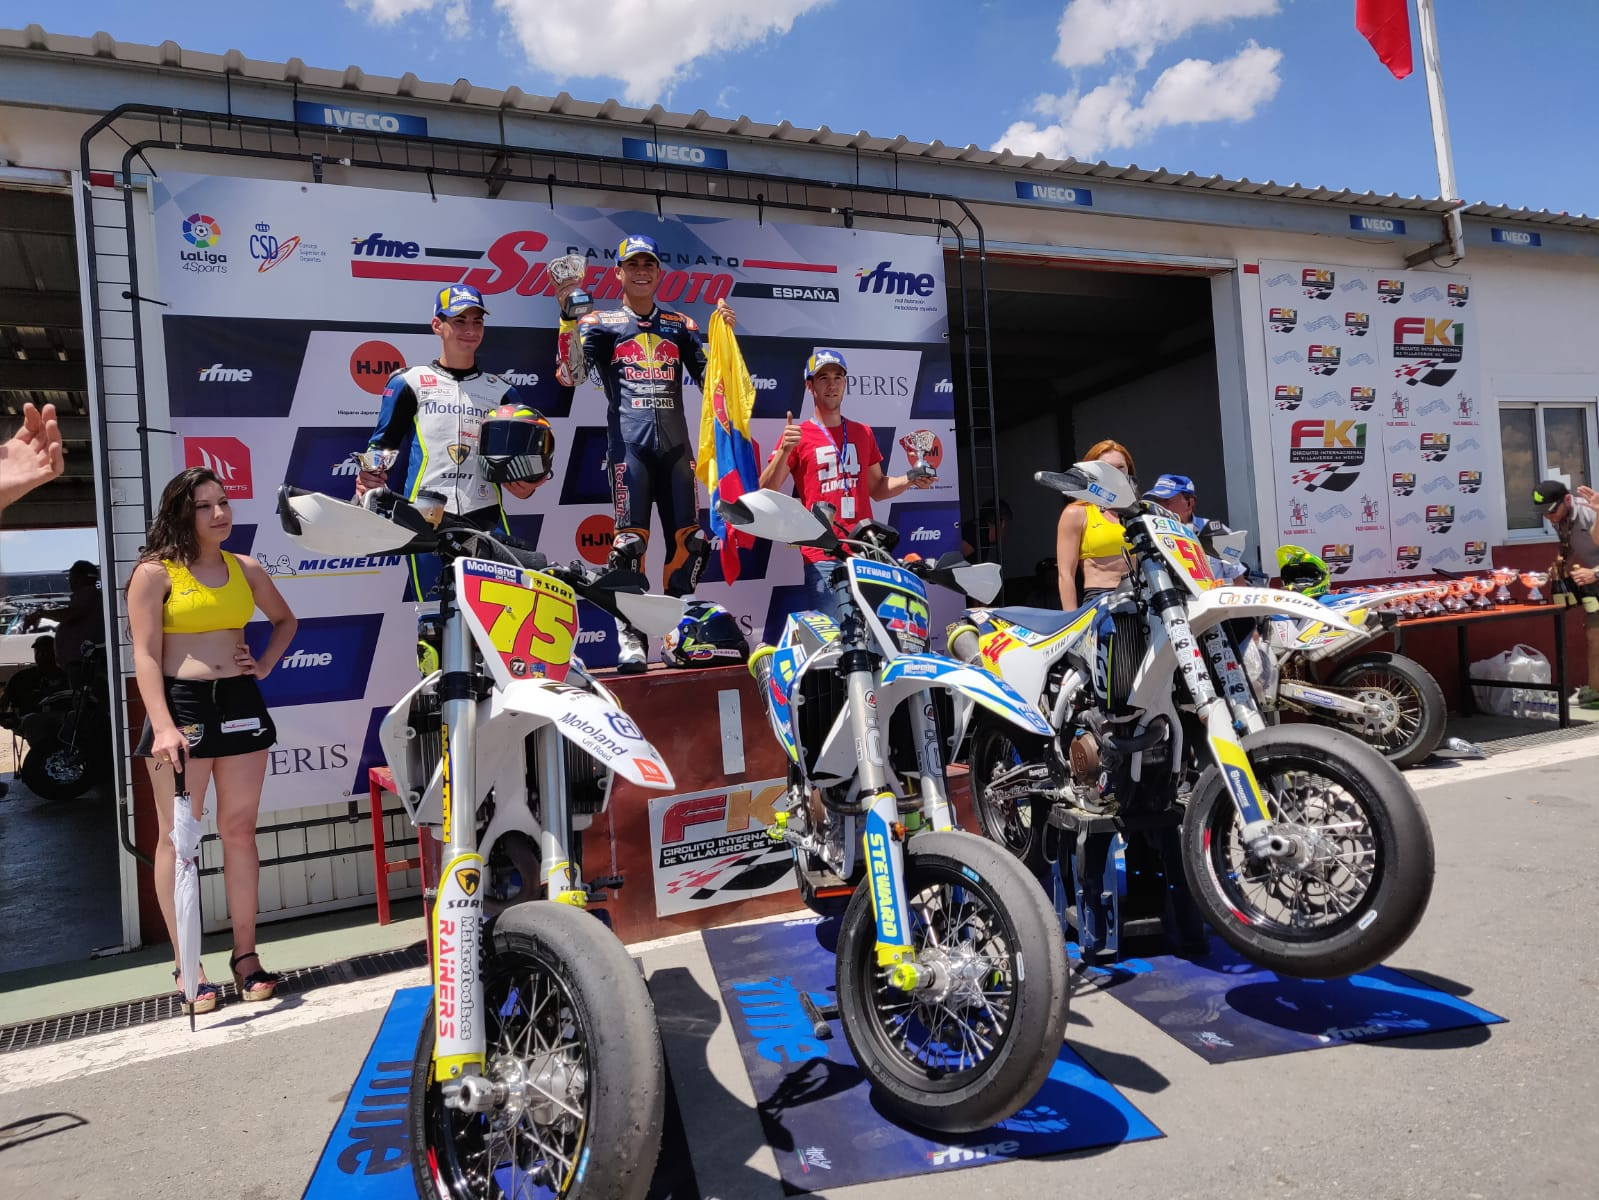 Campeonato de España de Supermoto Road